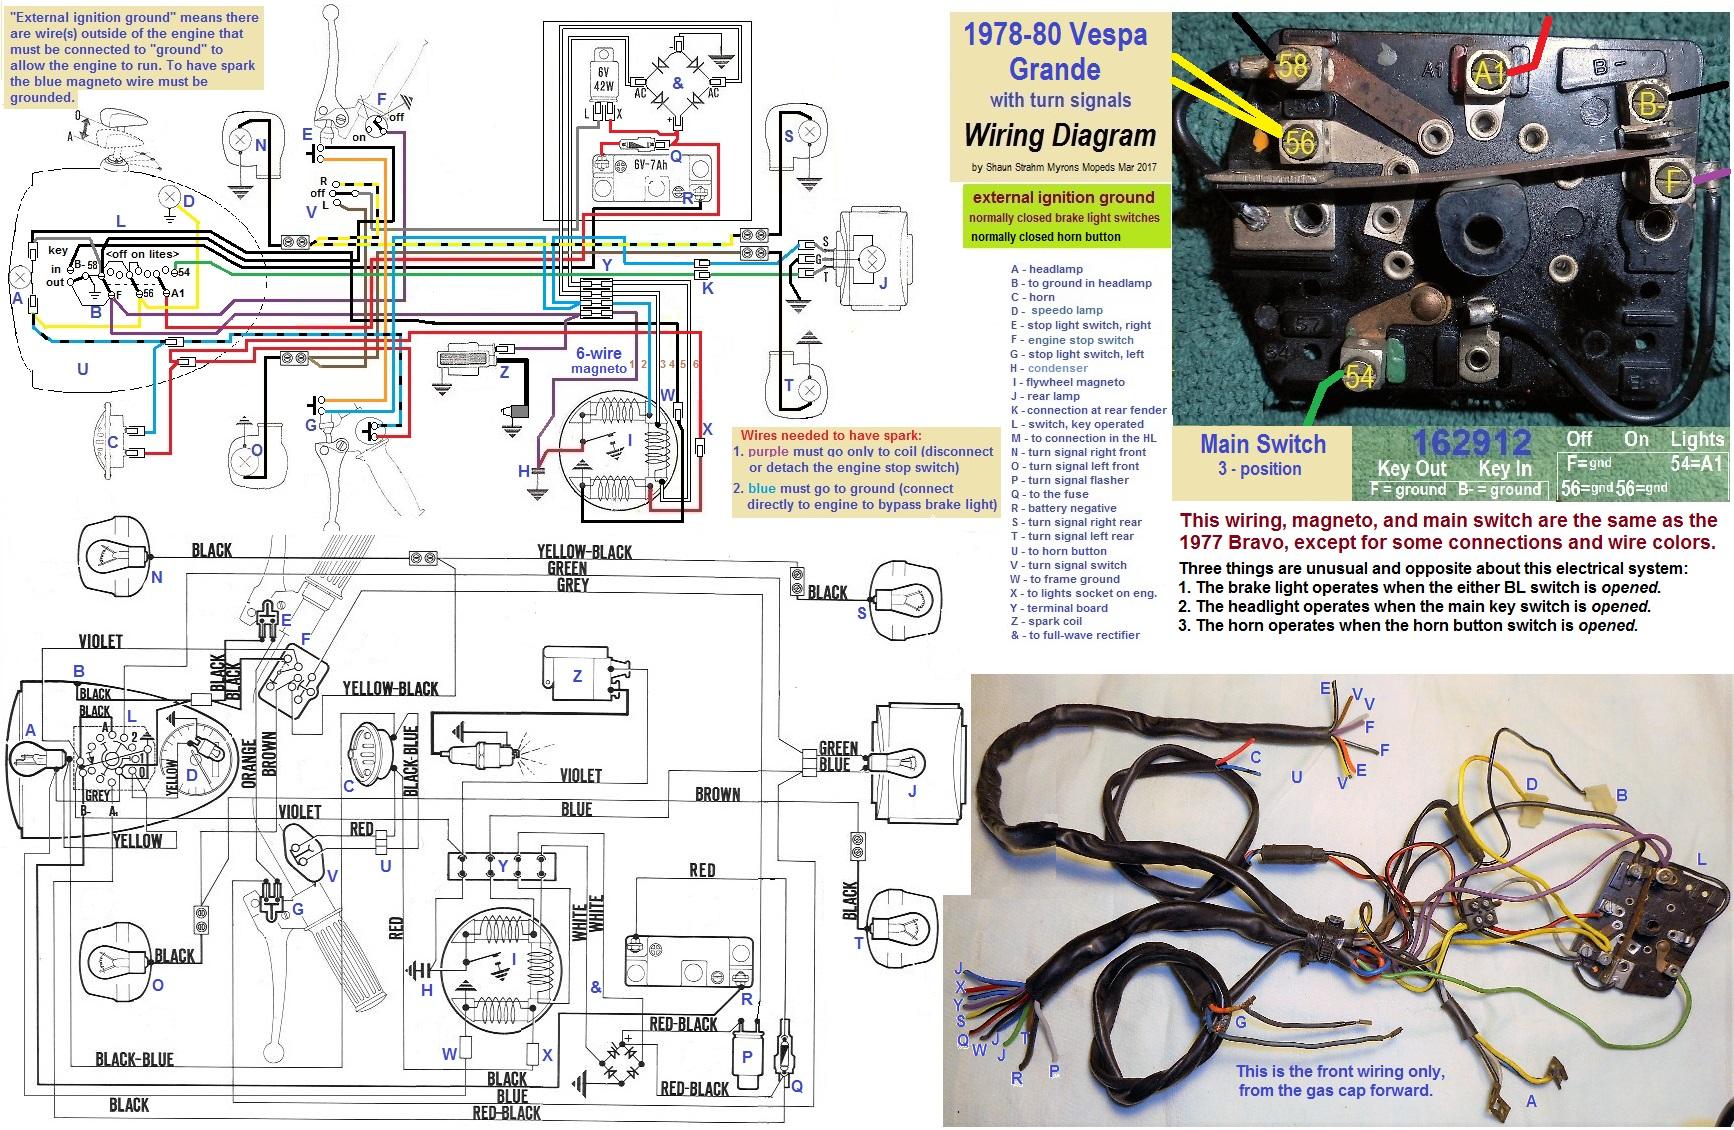 Wiring Diagram For Vespa P200e : Vespa p e ignition switch wiring diagram